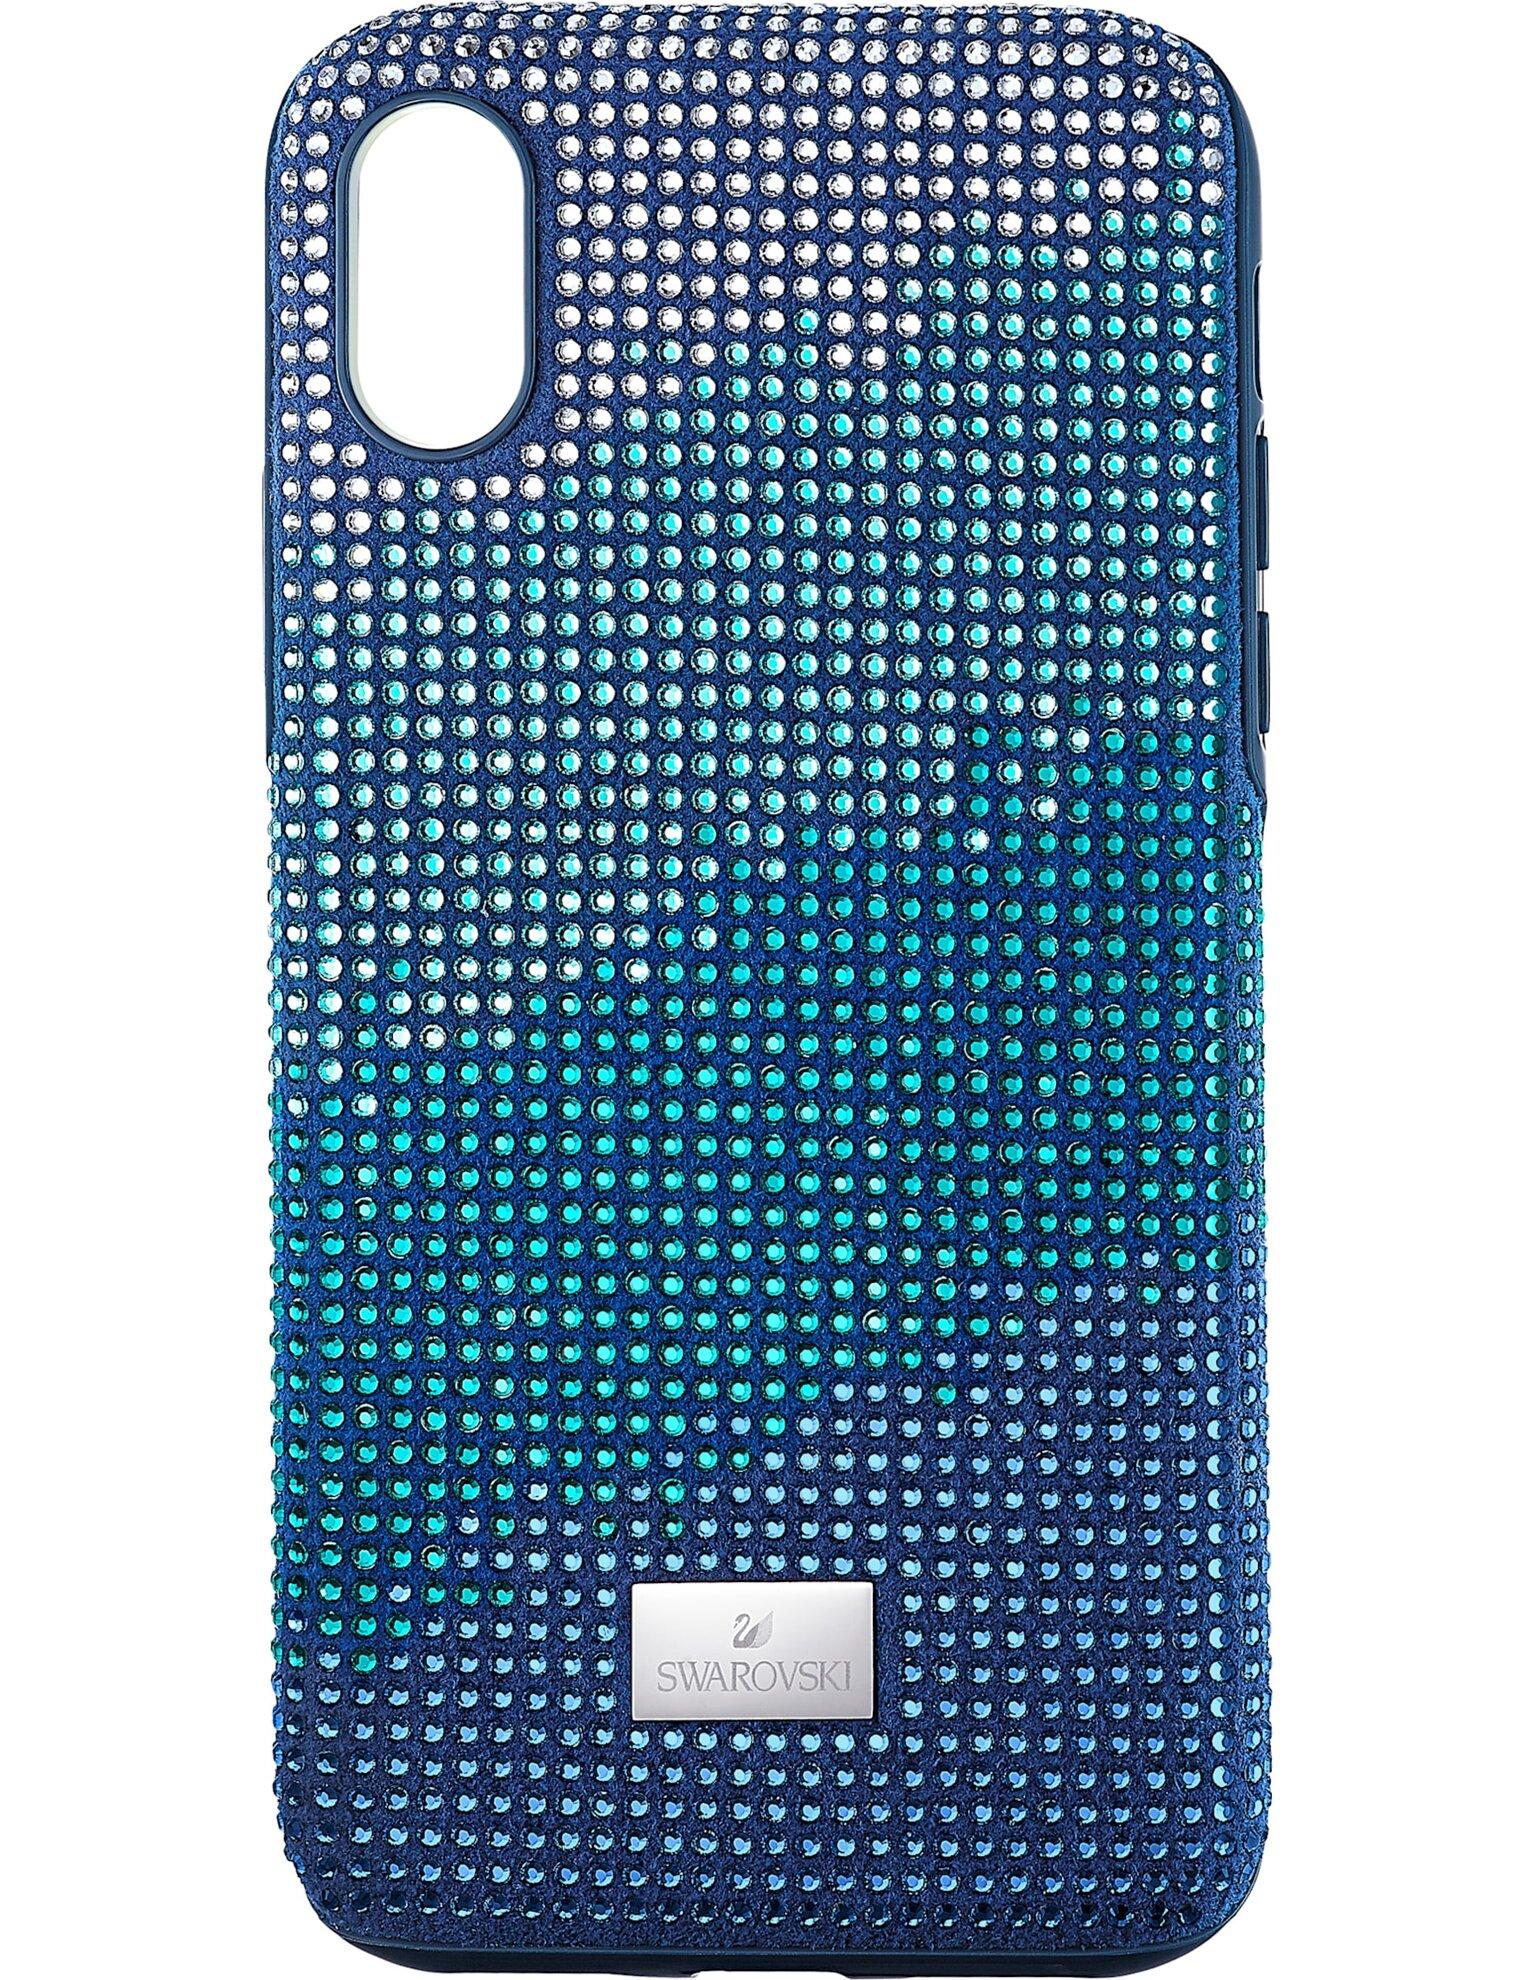 Picture of Crystalgram Koruyuculu Akıllı Telefon Kılıf, iPhone® X/XS, Mavi